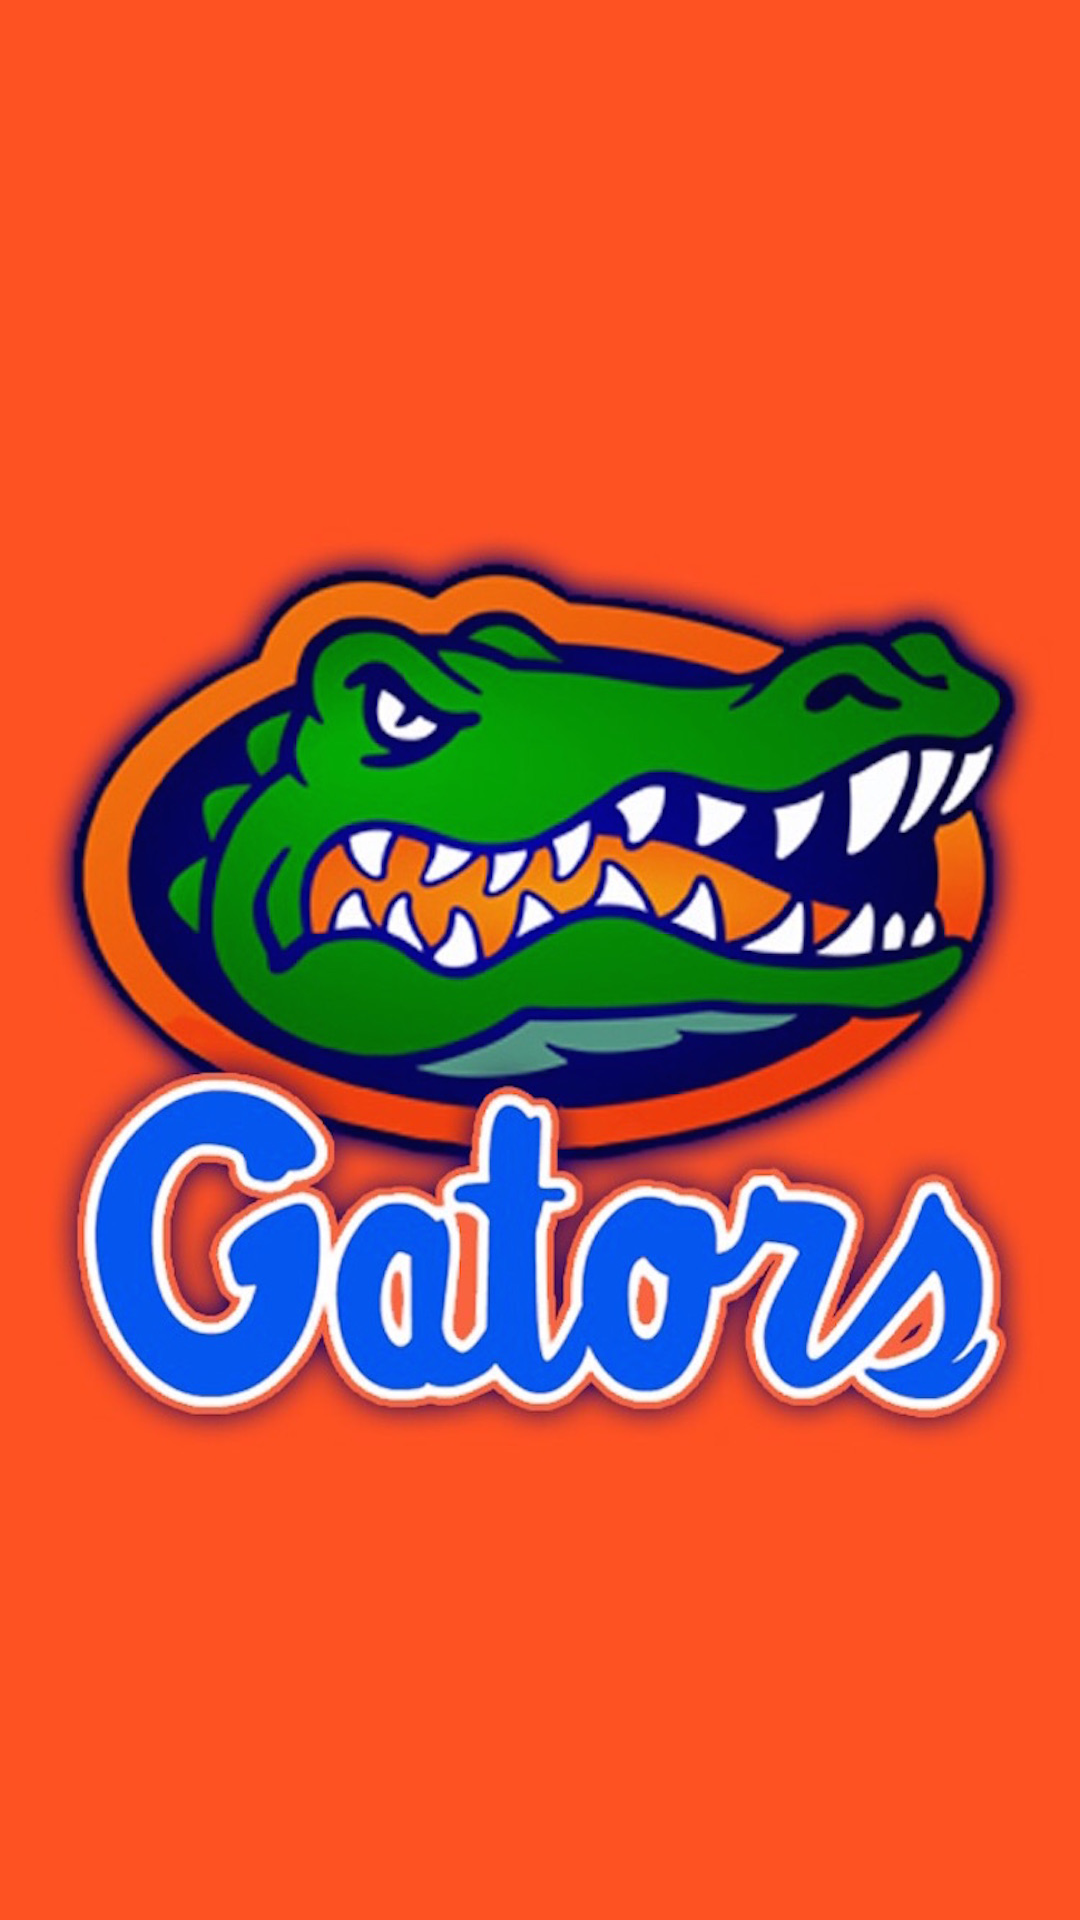 Florida Gators 01 Png 569499 1080 1920 Florida Gators Football Florida Gators Softball Florida Gators Logo